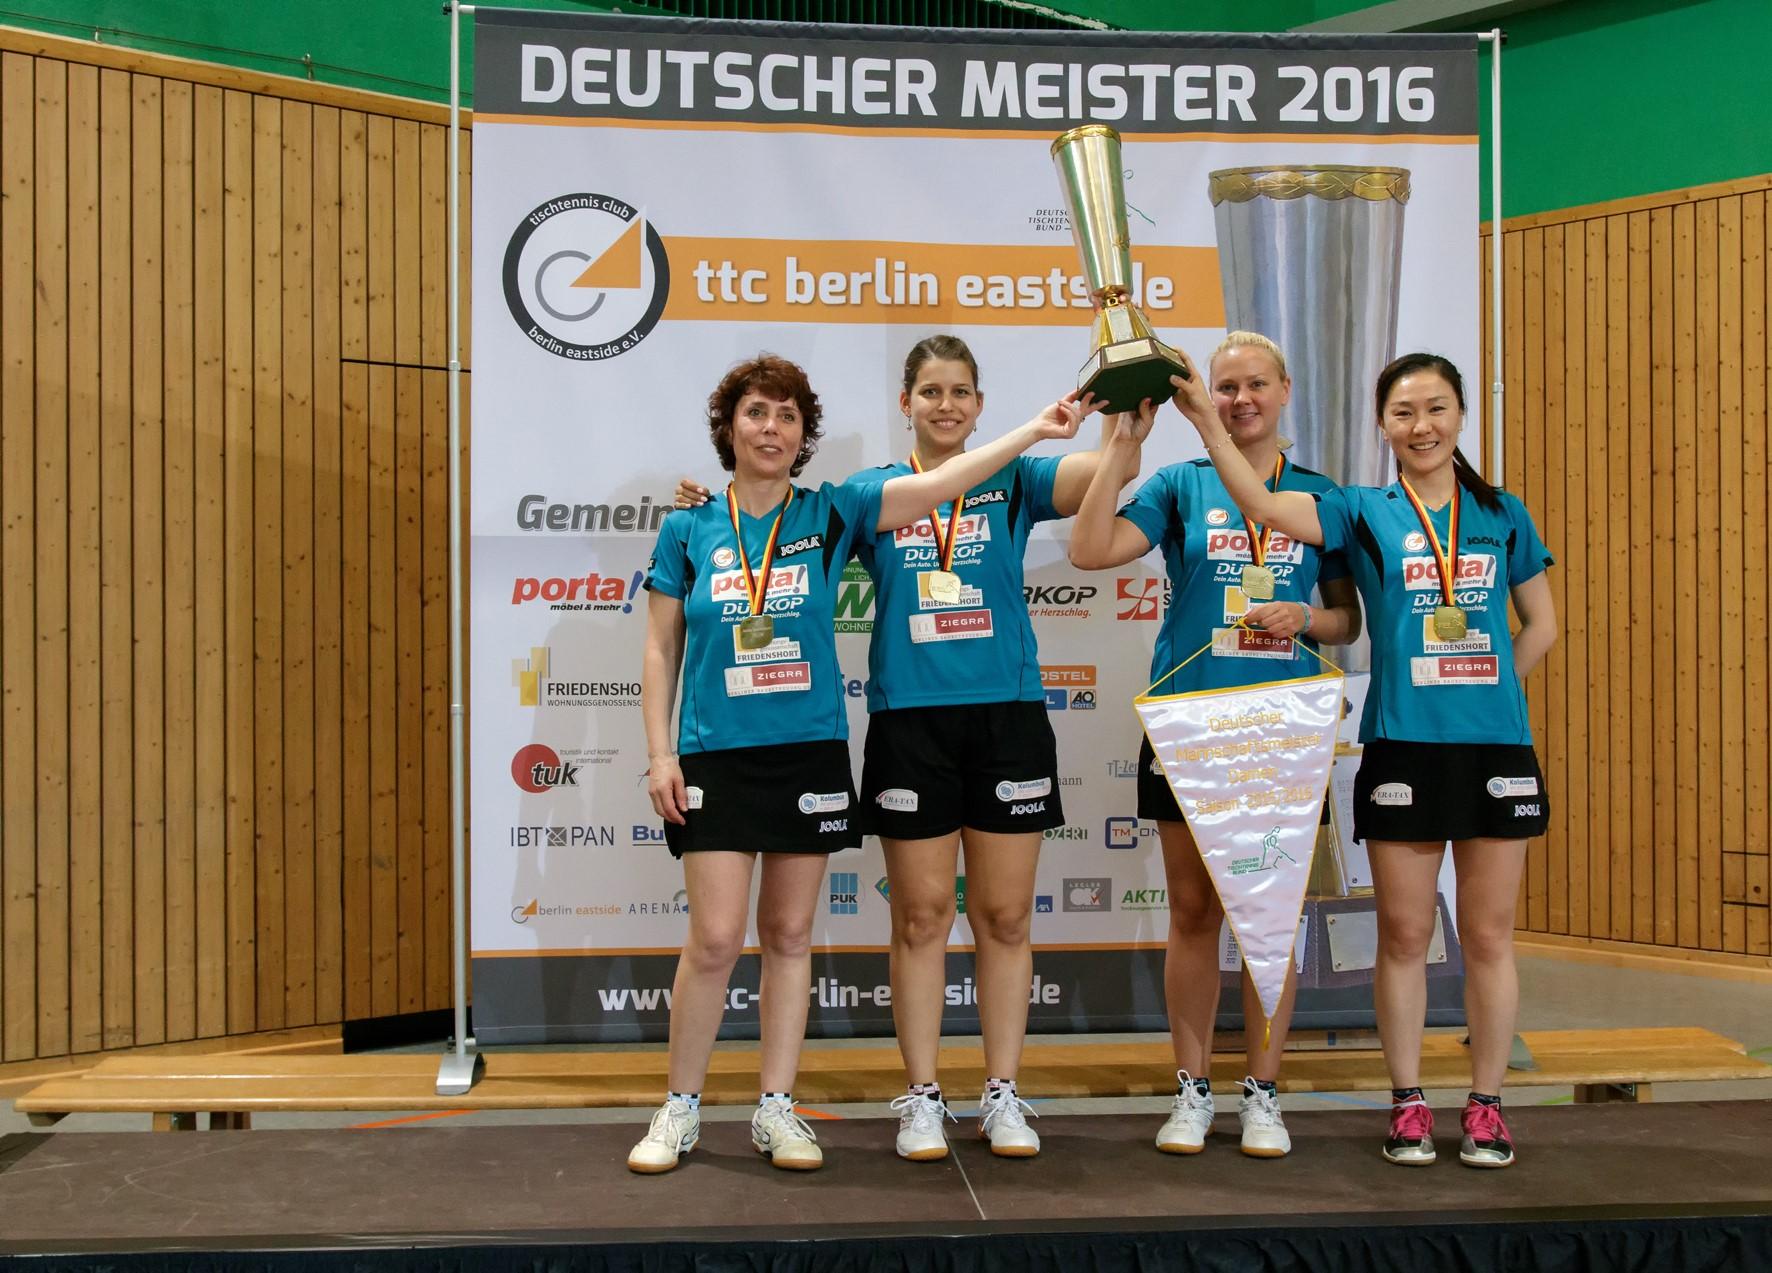 ttc berlin eastside - Zum dritten Mal in Folge Deutscher Meister!